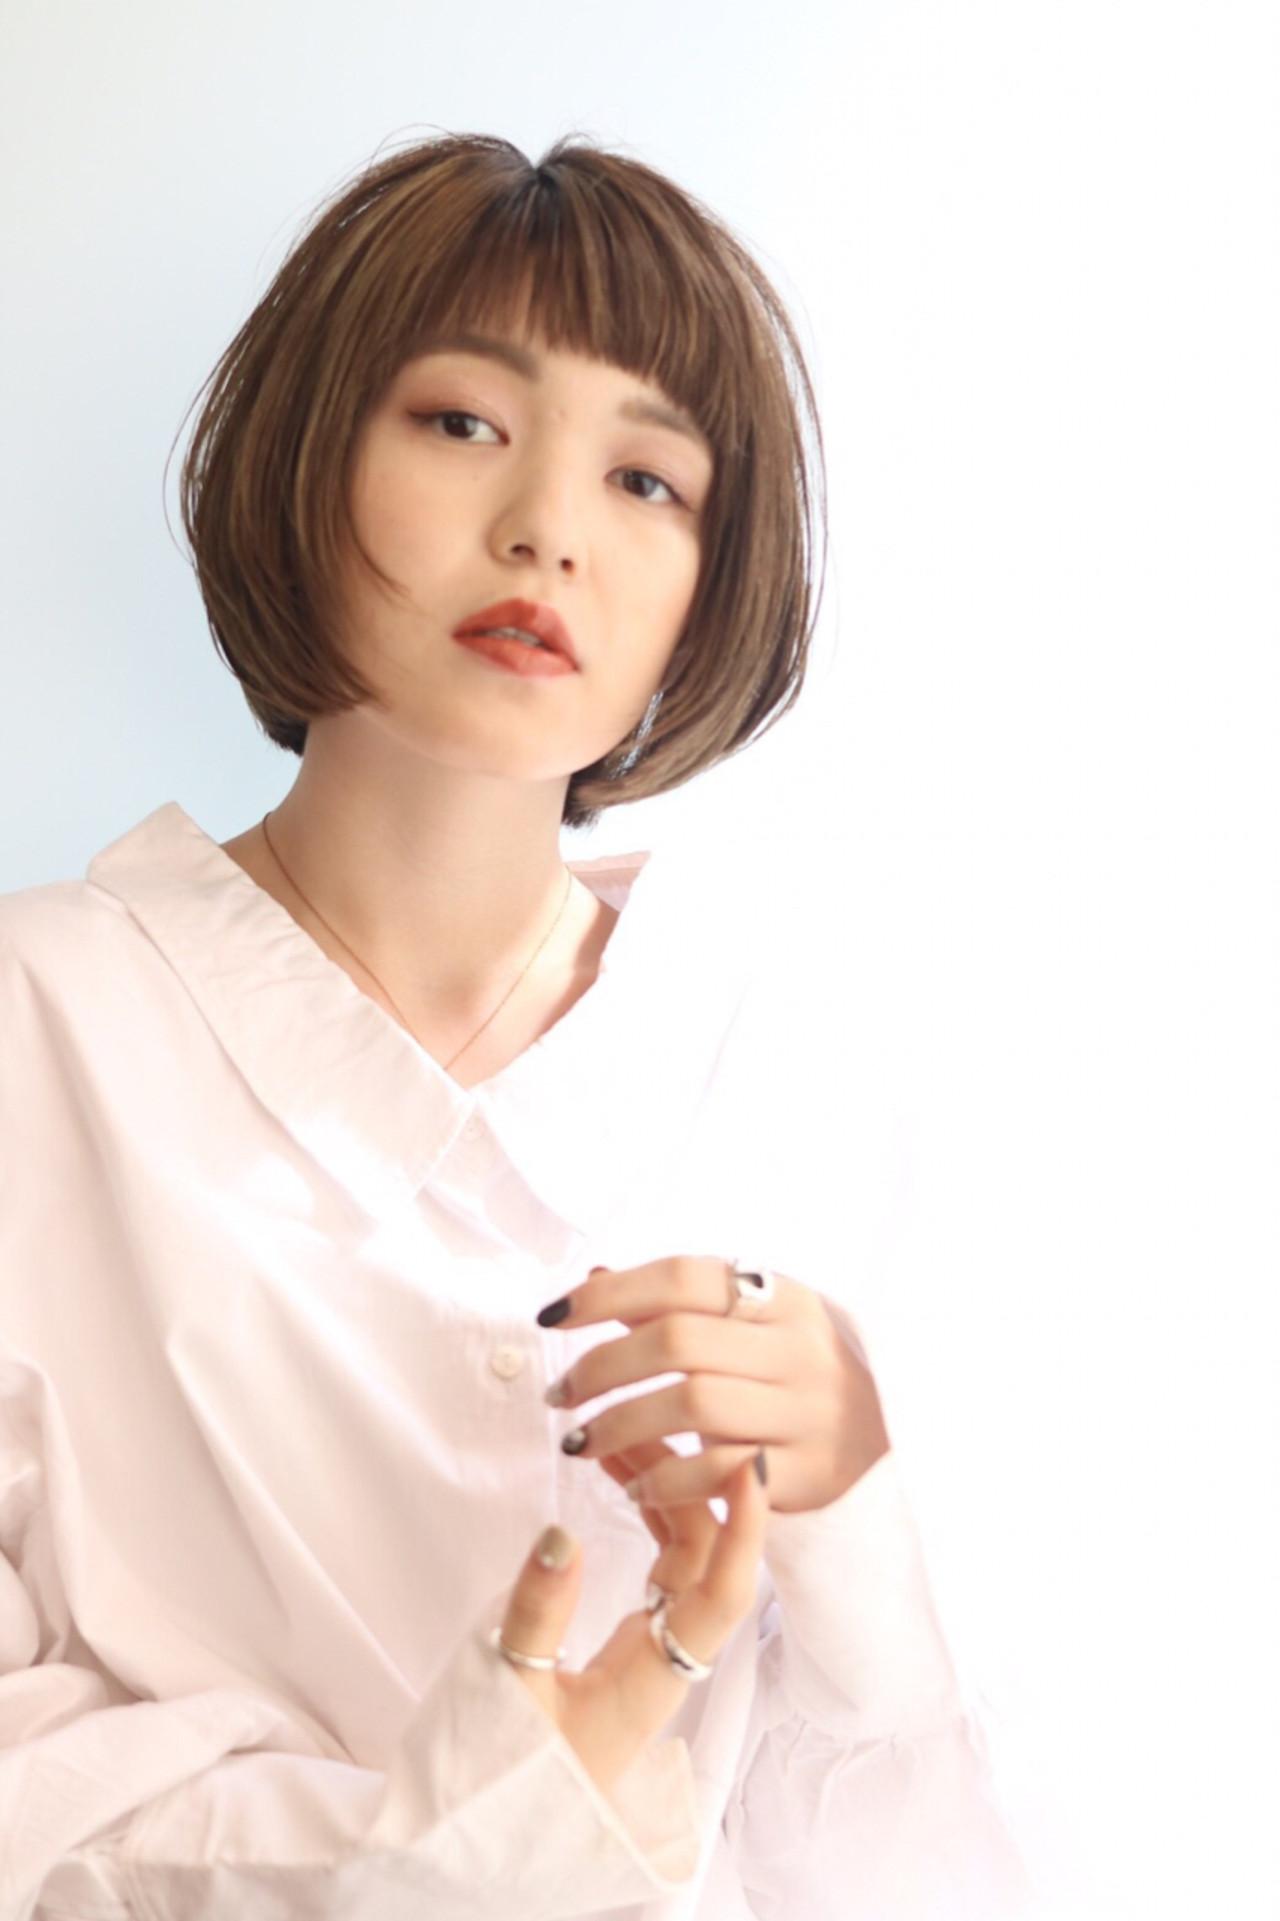 女子力 ナチュラル ハイライト ショート ヘアスタイルや髪型の写真・画像